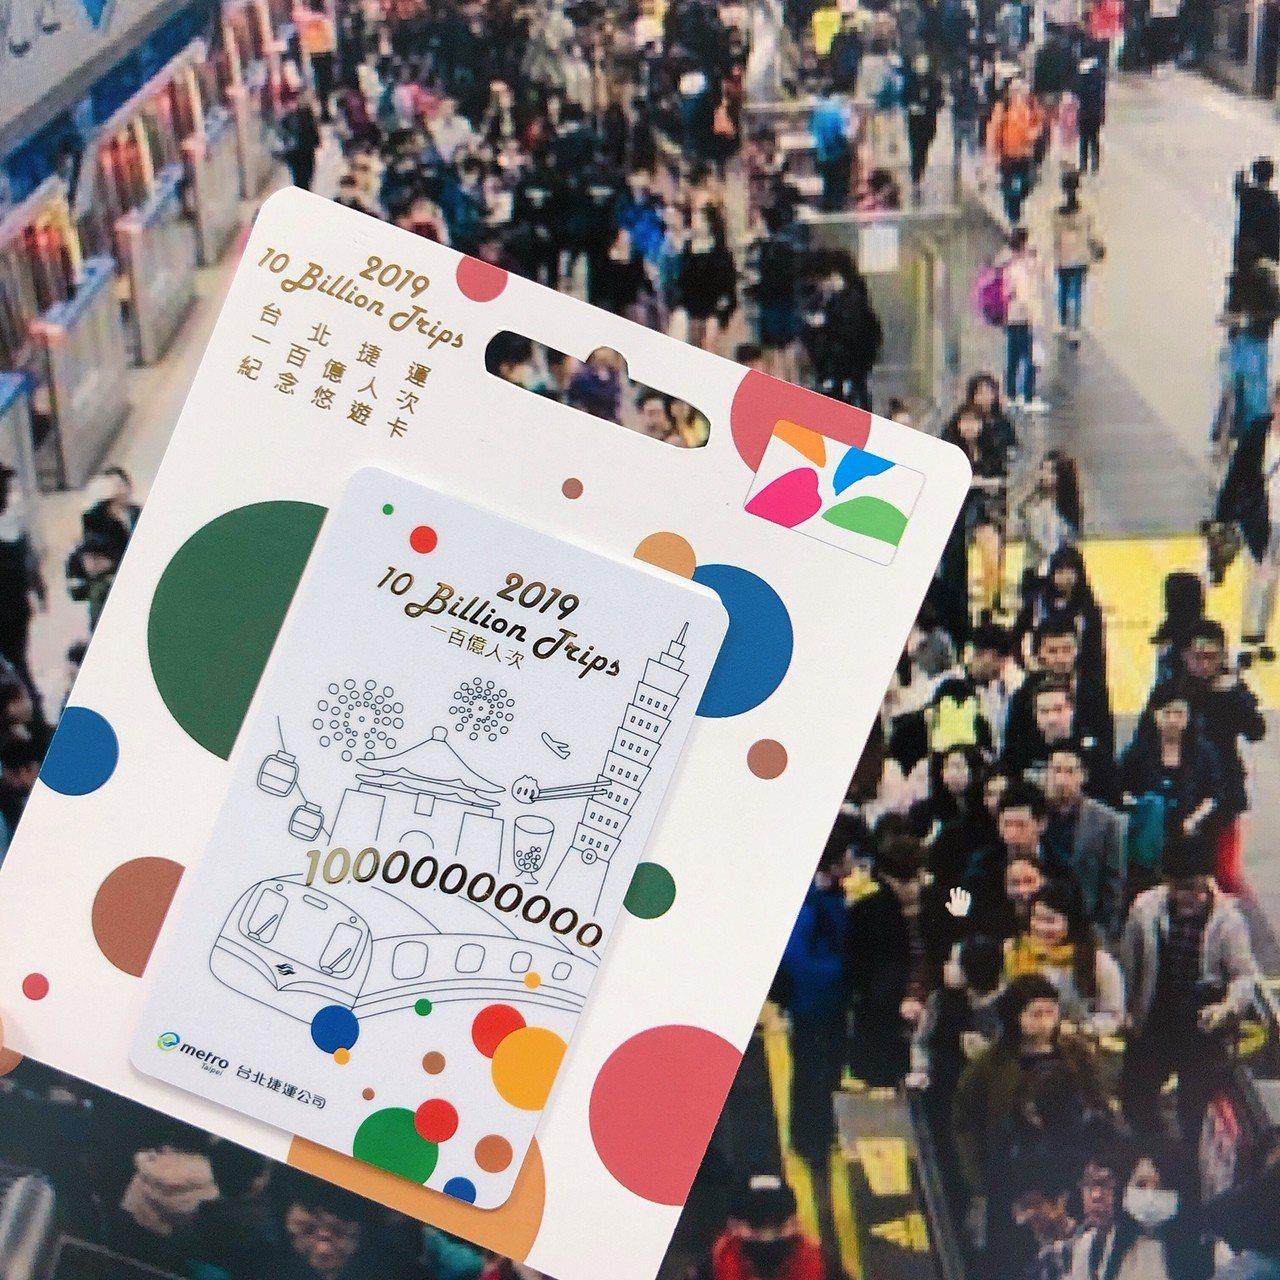 台北捷運搭乘總人次達百億進入倒數階段,悠遊卡公司今天也順勢推出限量1500張「台...